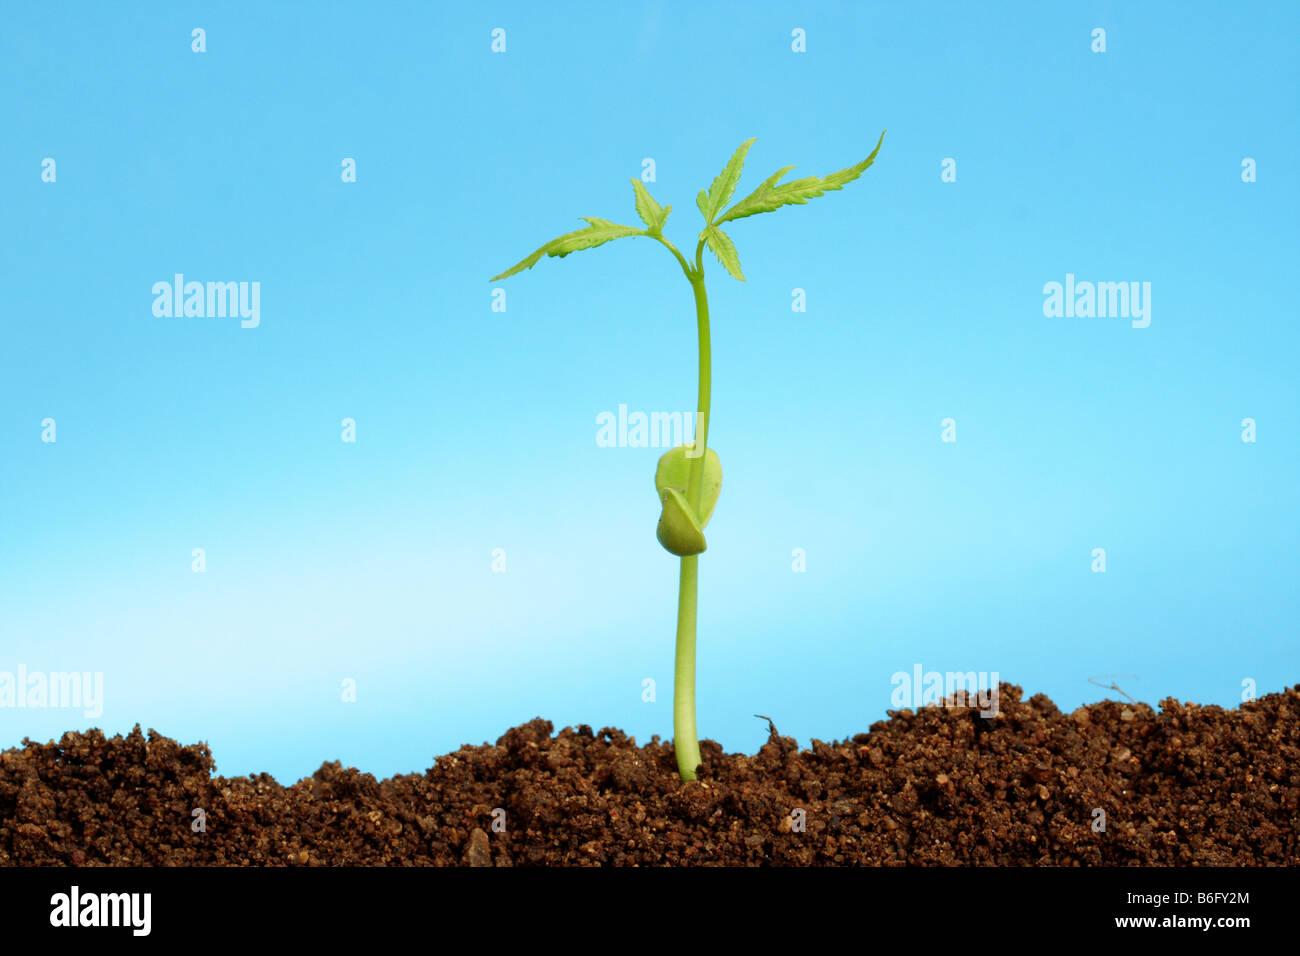 Plántulas creciendo desde el suelo Foto de stock